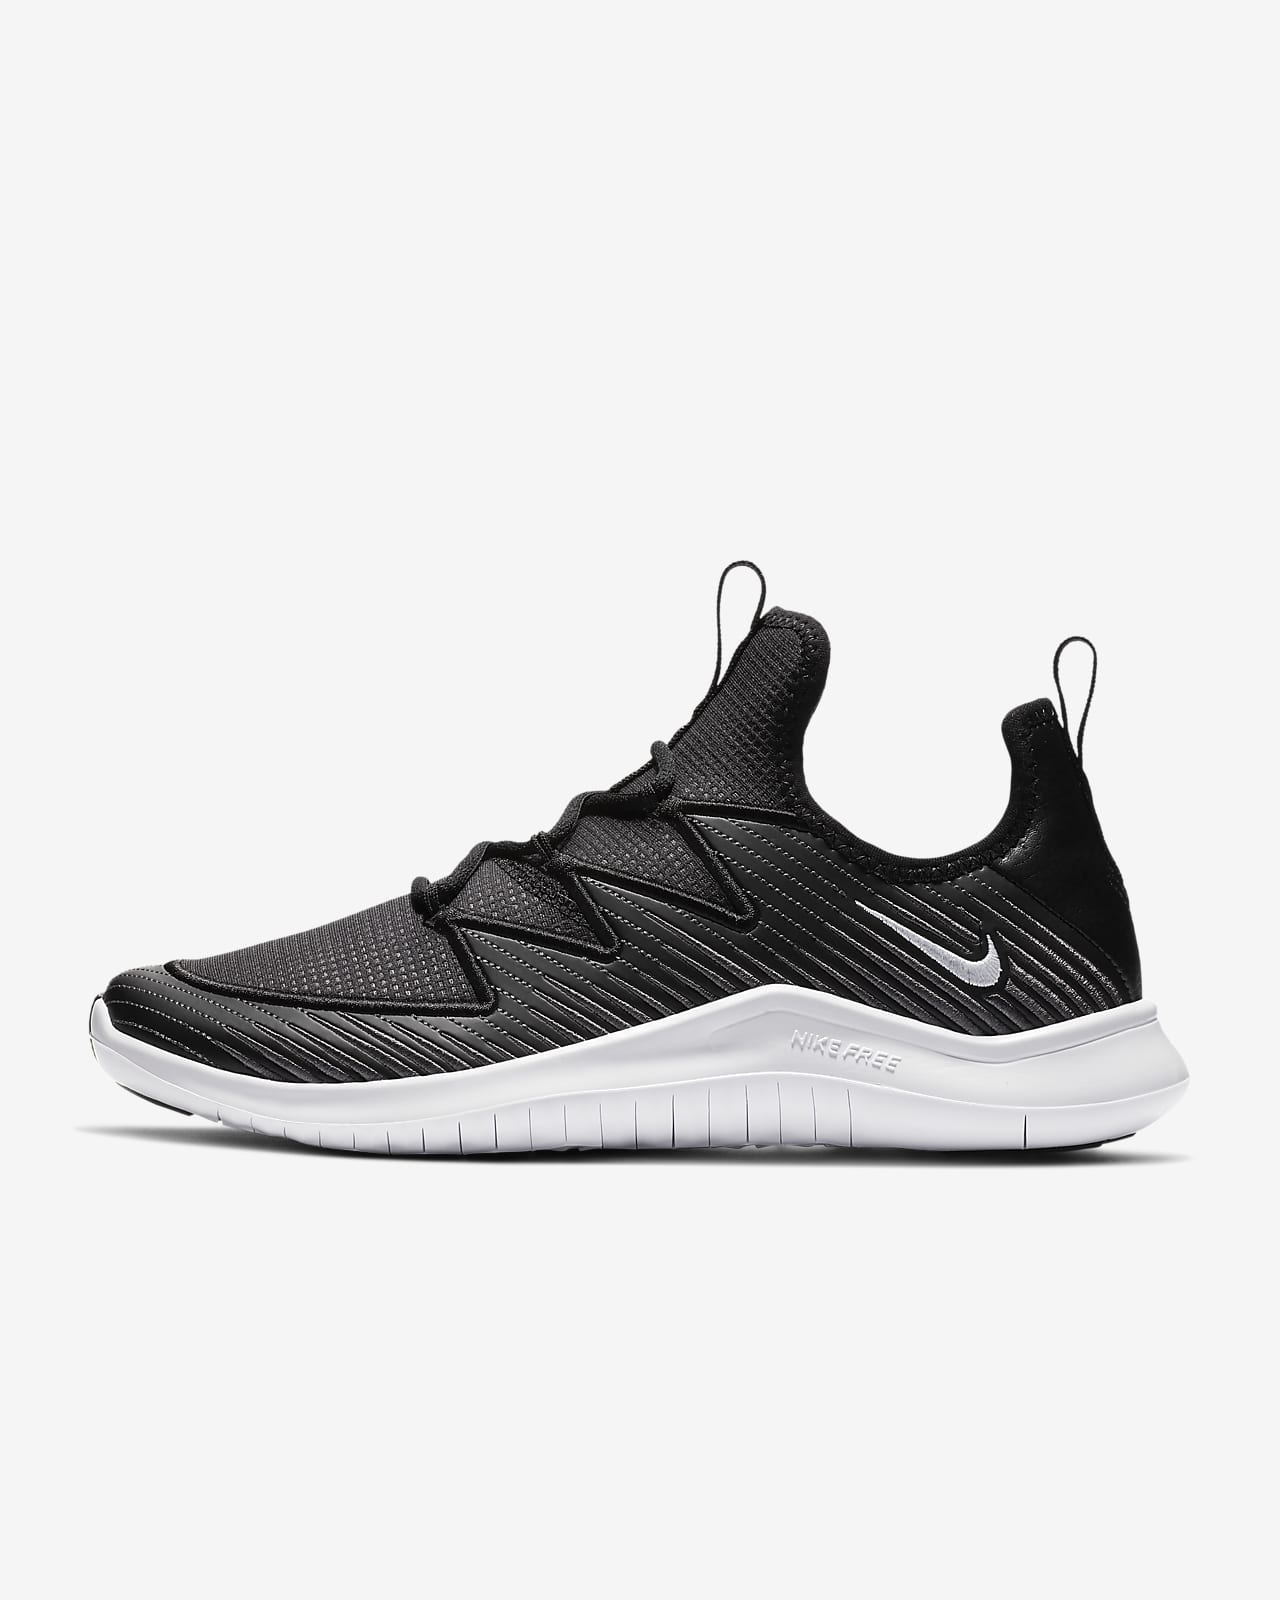 รองเท้าเทรนนิ่งผู้หญิง Nike Free TR Ultra